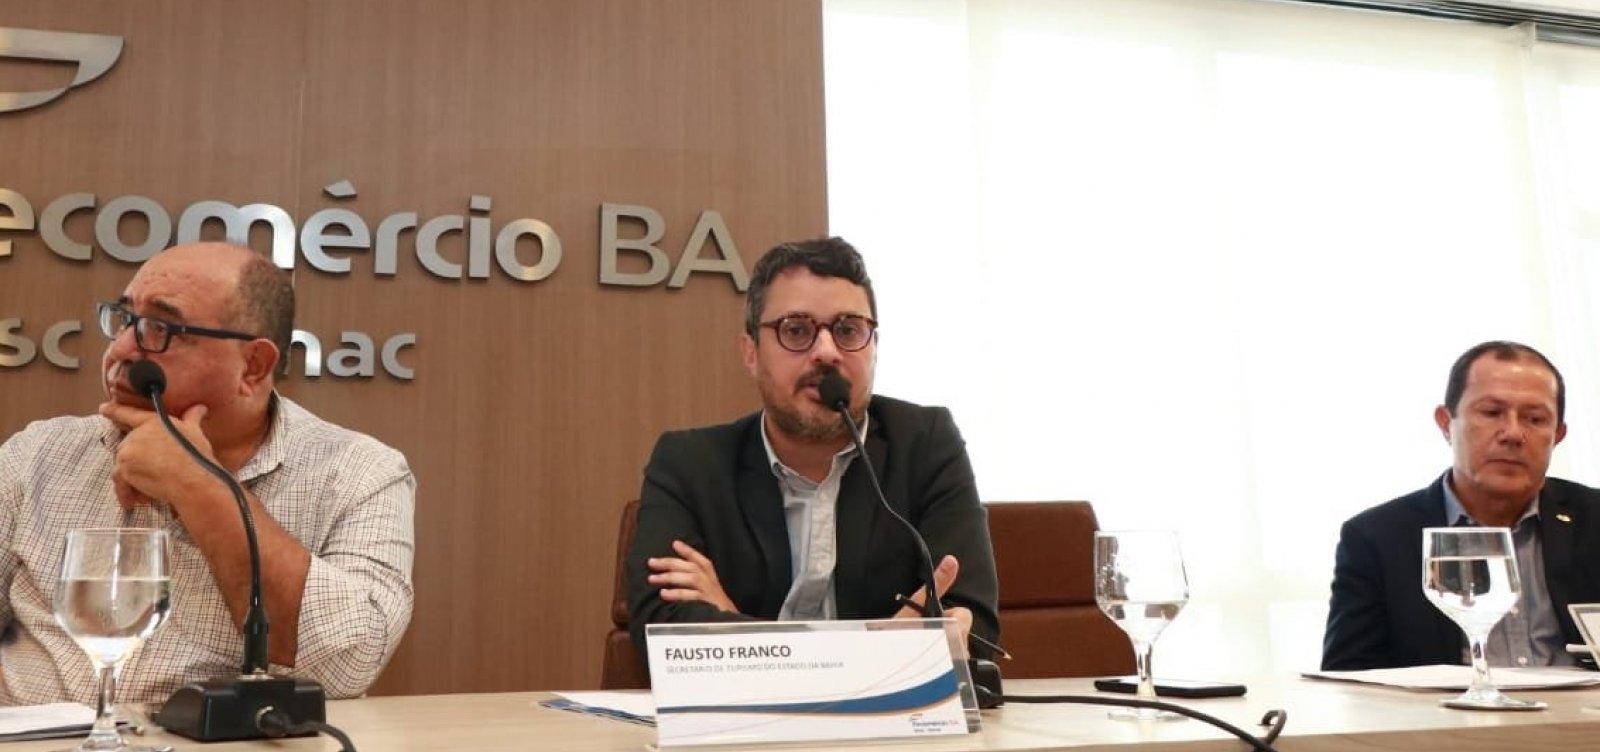 Secretário de Turismo defende concessão do Palácio Rio Branco: 'É melhor deixar acabar?'